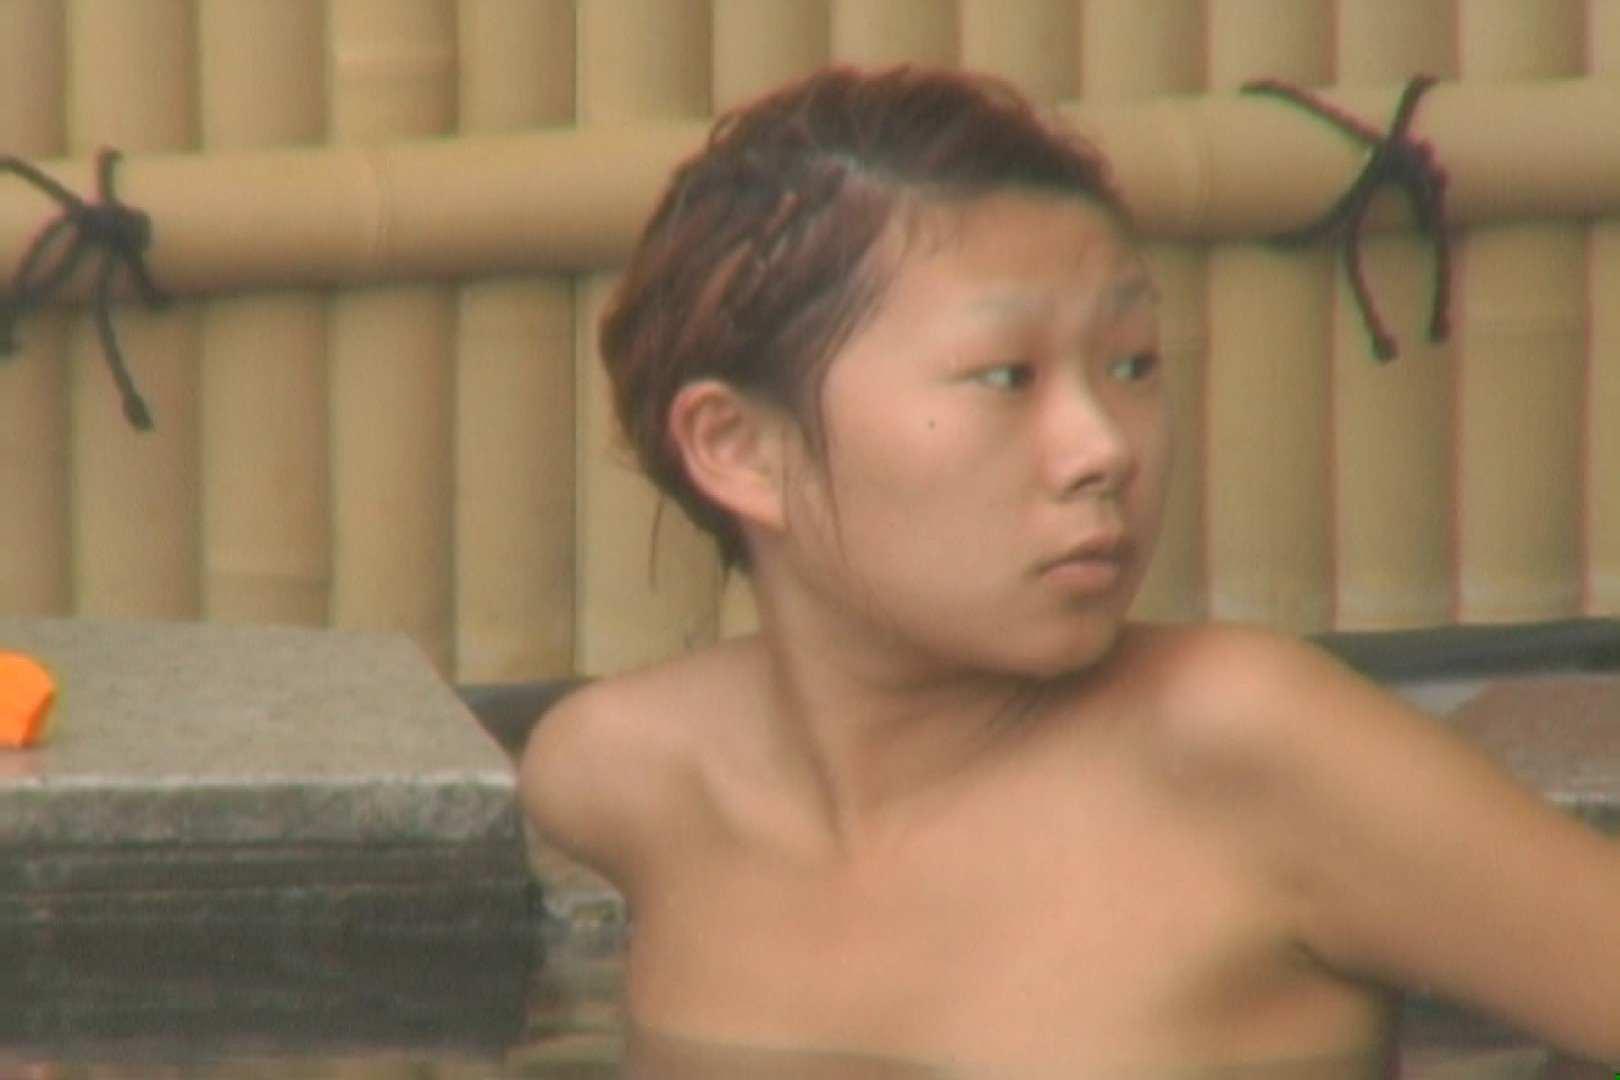 Aquaな露天風呂Vol.581 盗撮師作品 性交動画流出 70pic 11